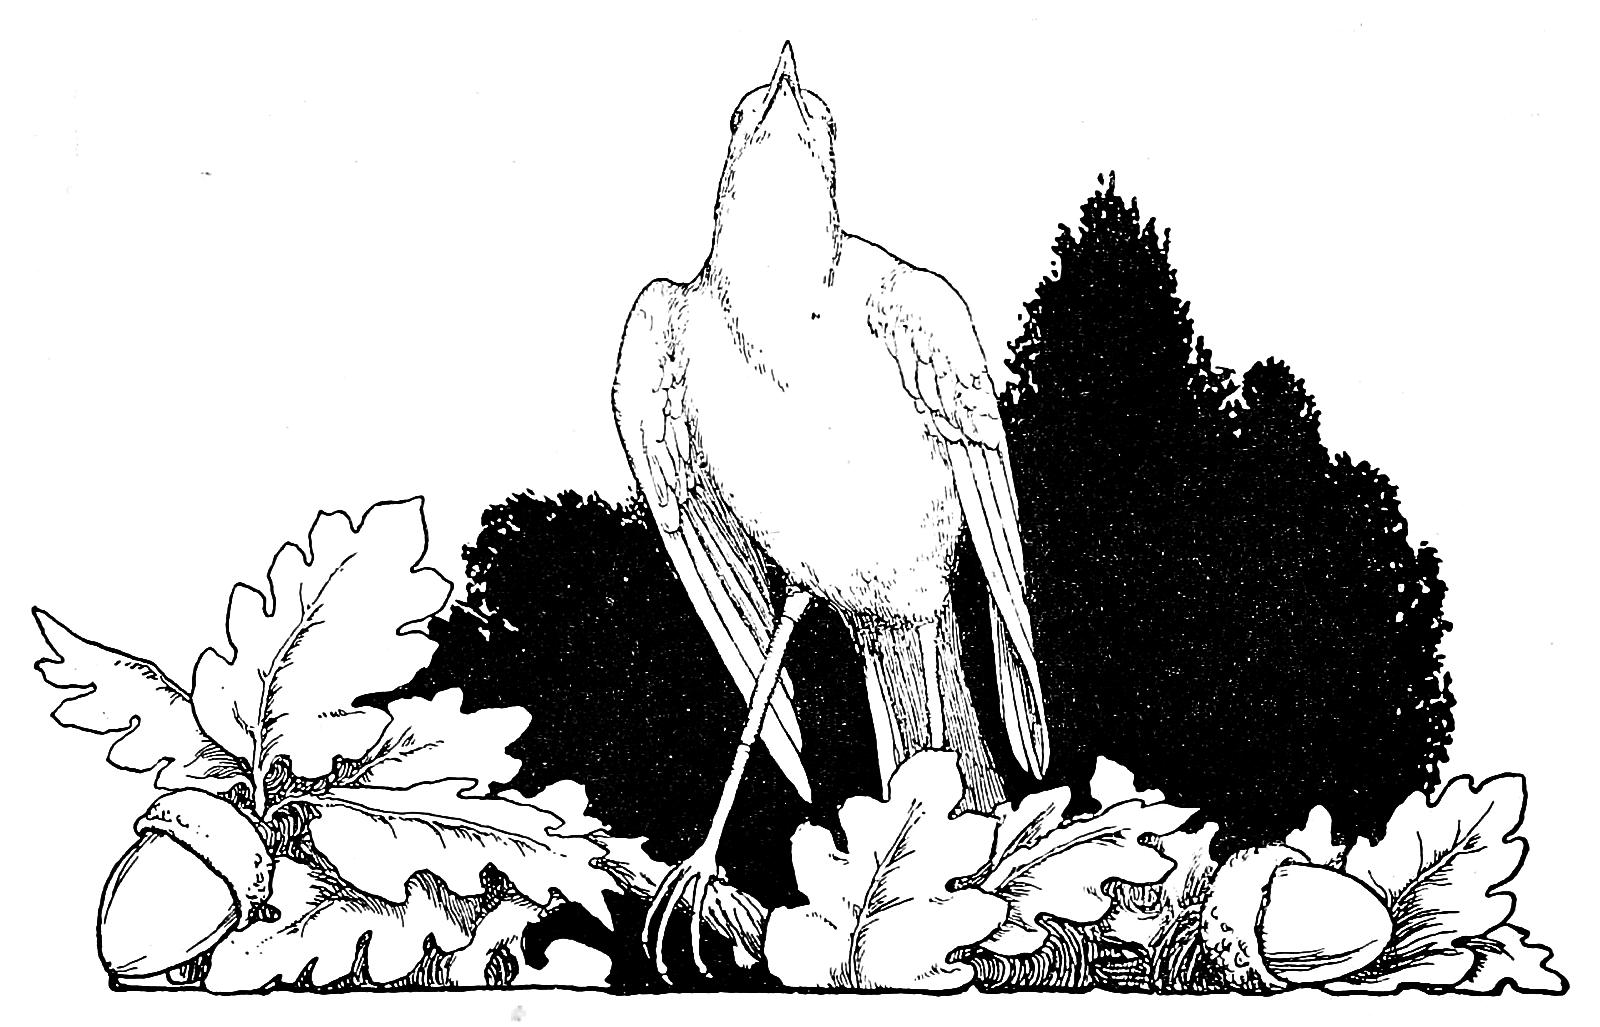 Волшебные Сказки Андерсена 1913 года 2 часть